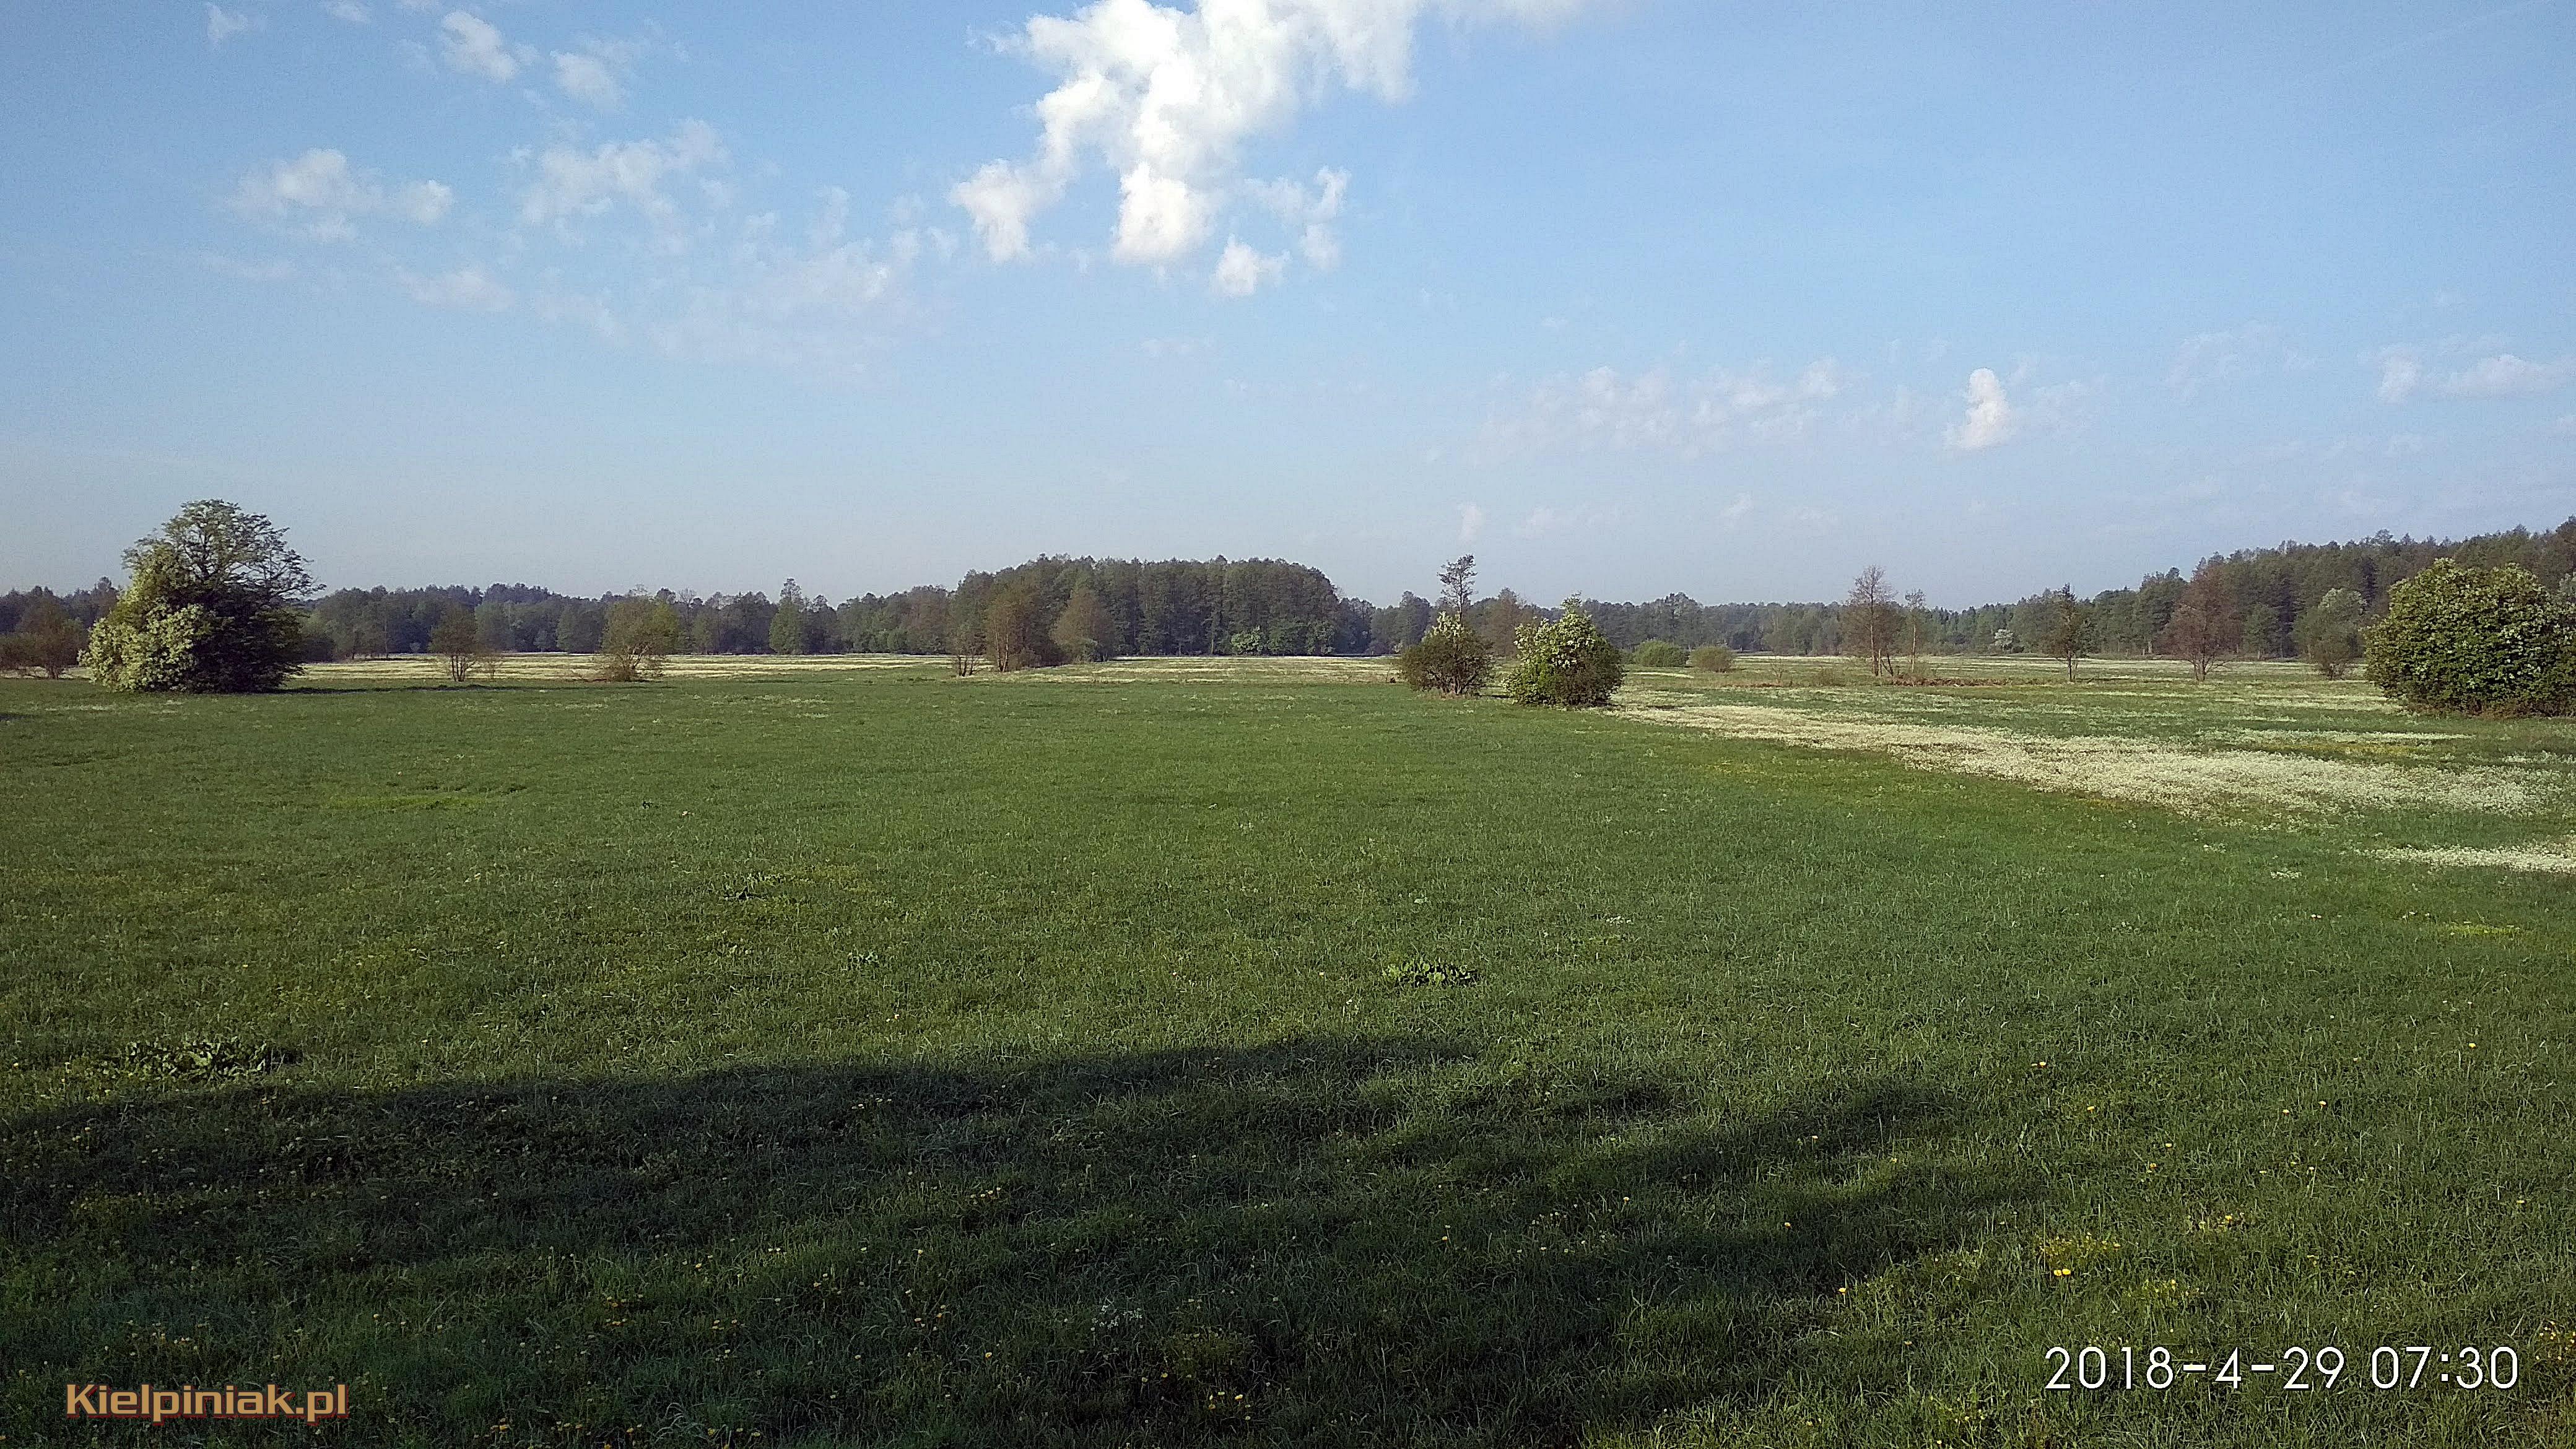 NPK Łąki przy drodze nur kiełpiniec 6